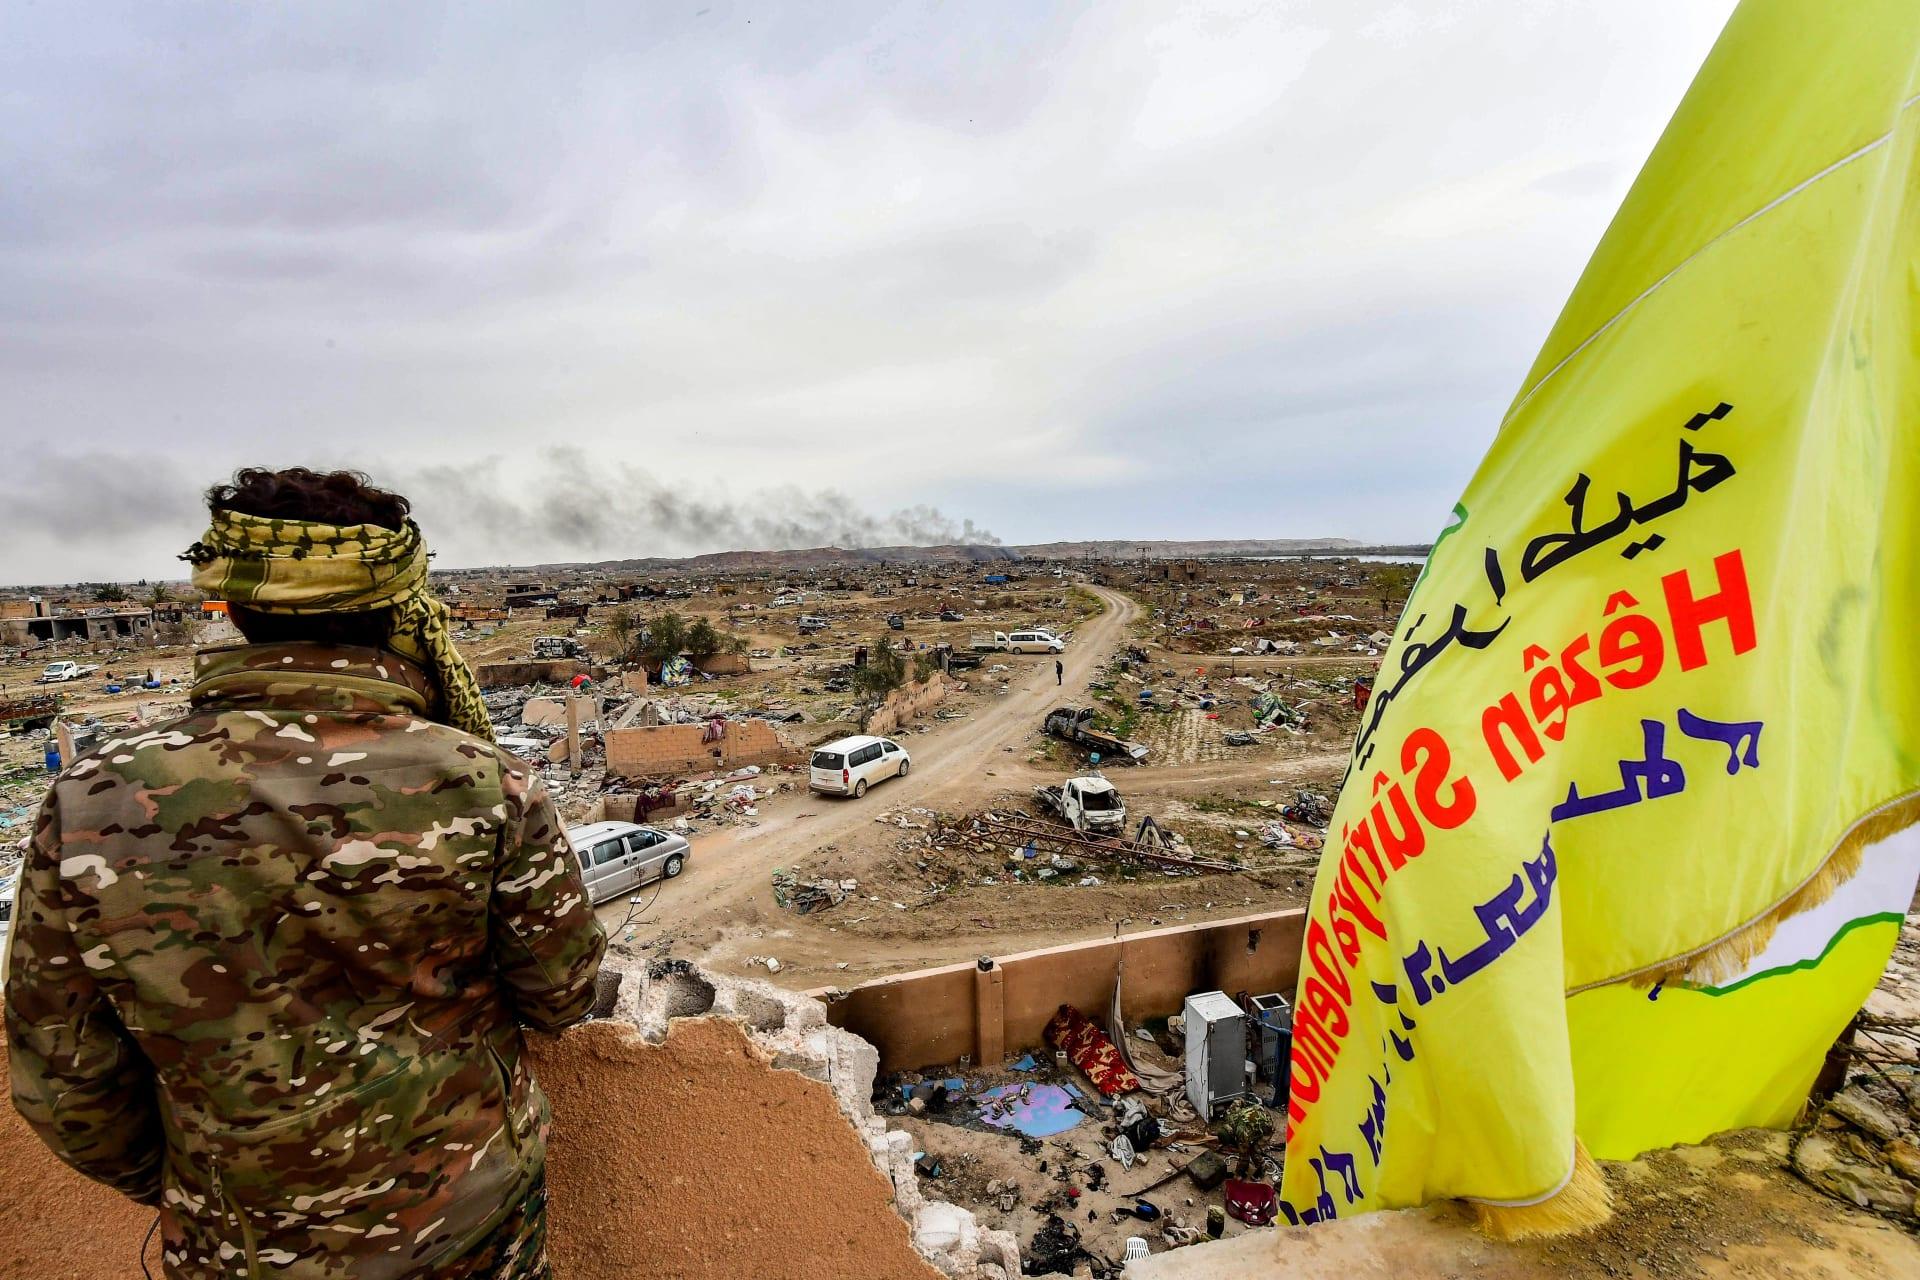 واشنطن: أمريكيان زُعم أنهما انضما إلى داعش أعيدا مؤخرًا من سوريا